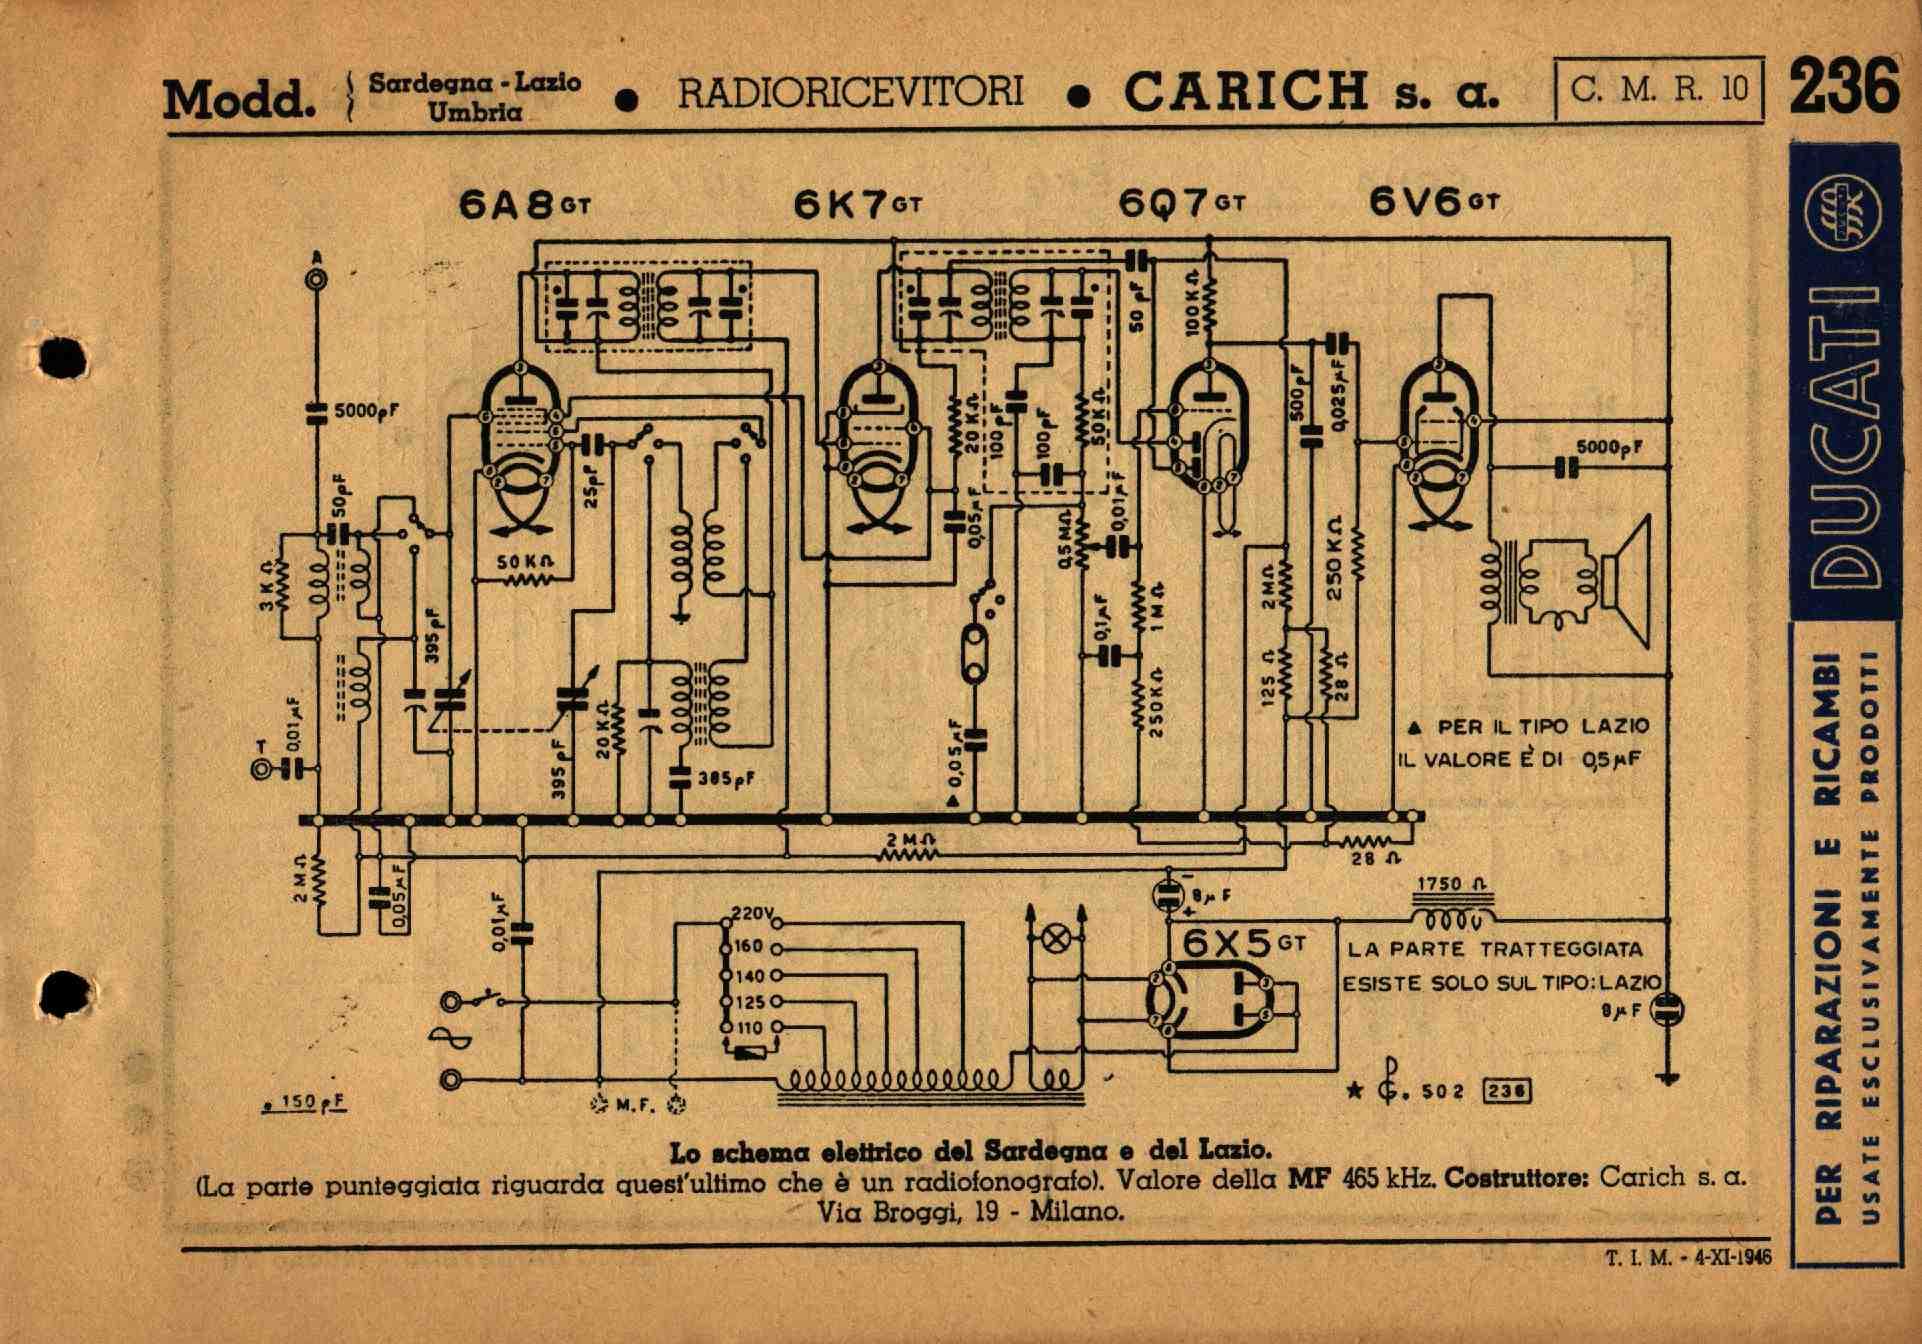 Schemi Elettrici Free : Schemi di vecchie radio a valvole old tube radio diagrams